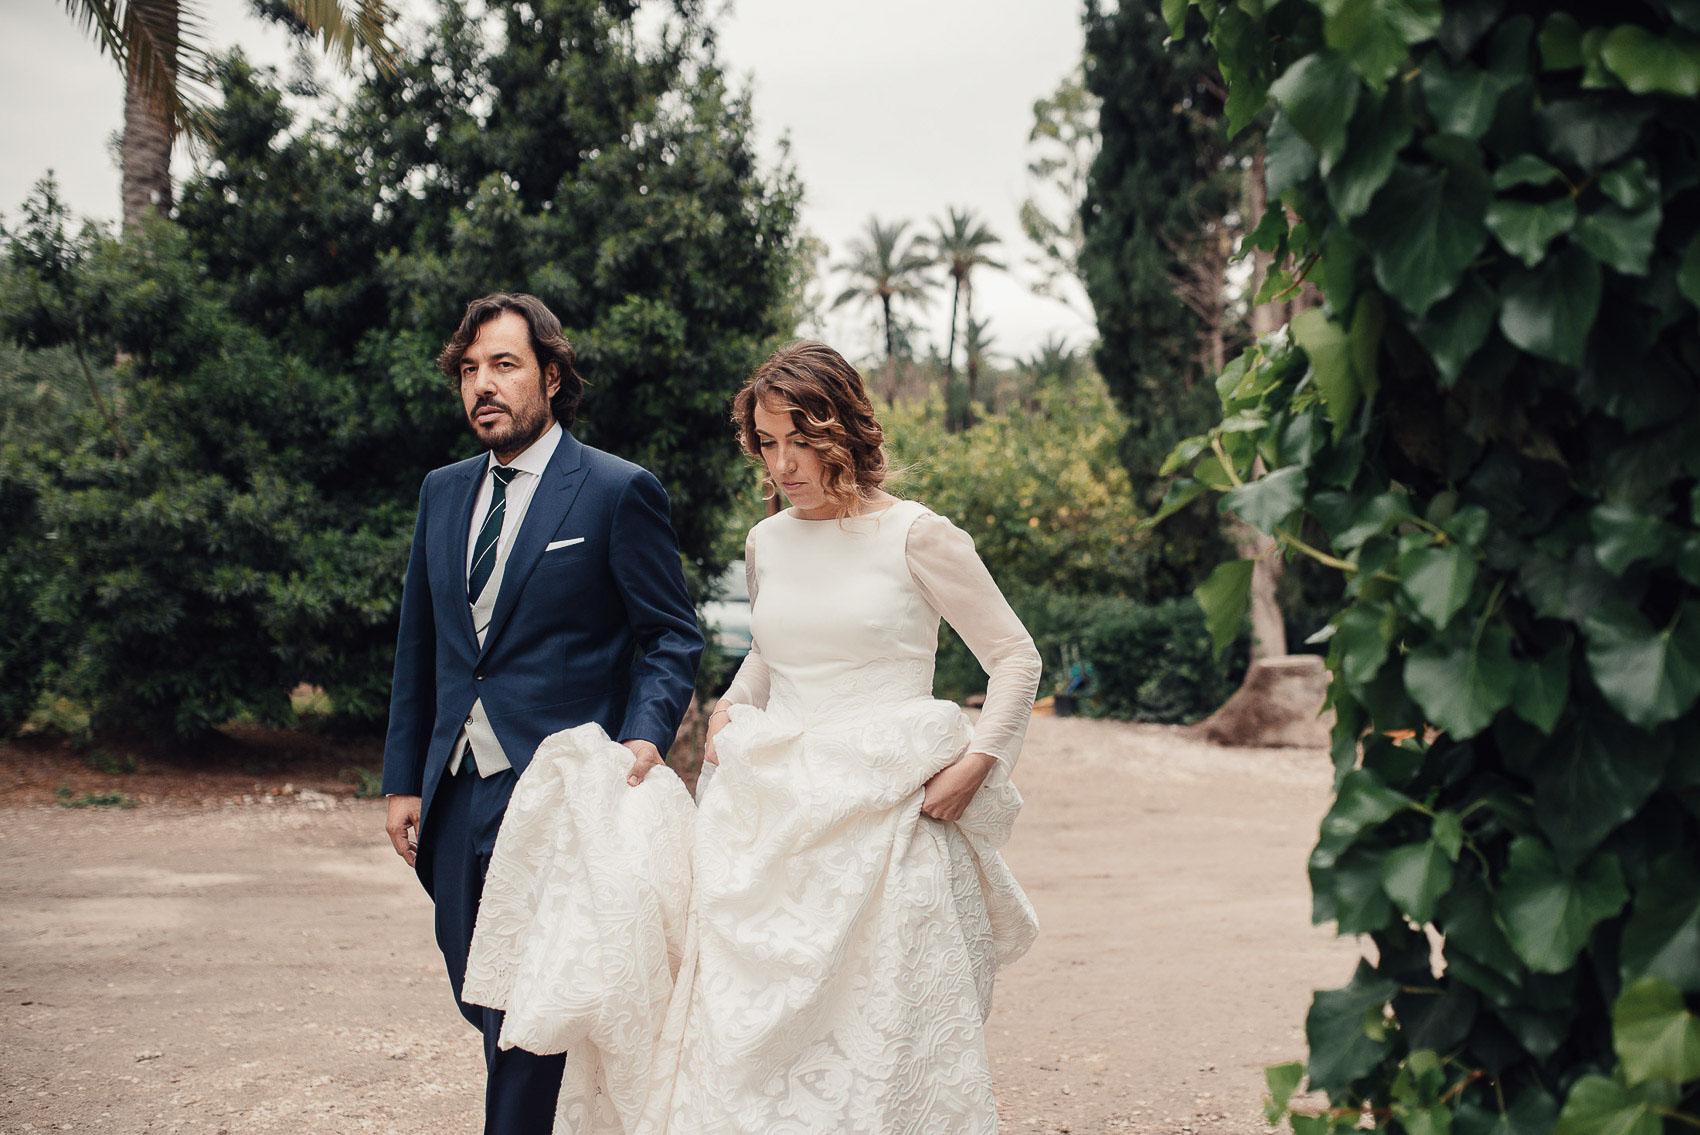 pareja novios boda fotografia vestido naturaleza